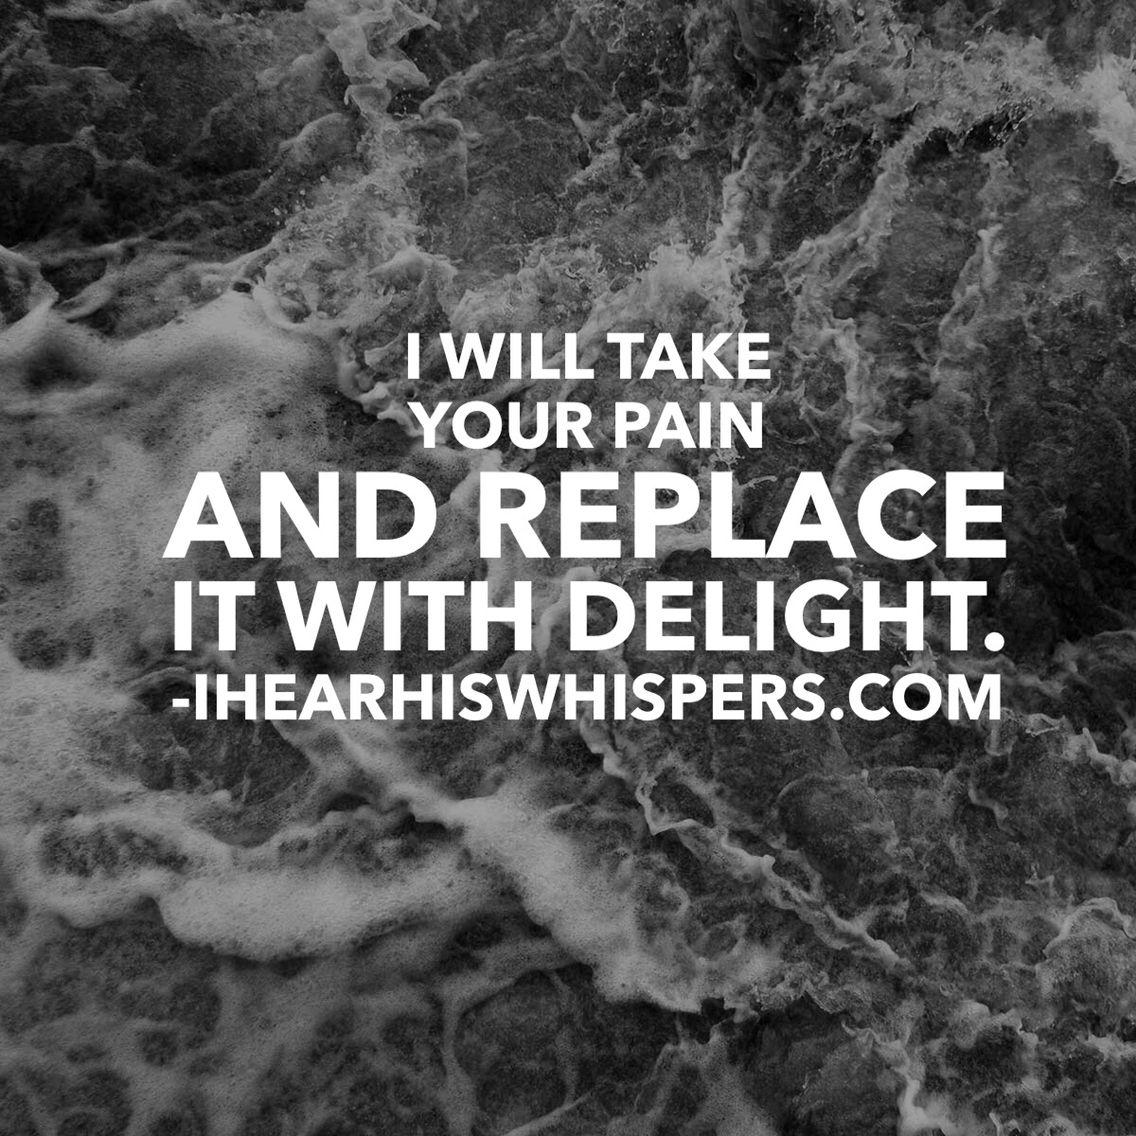 #ihearHiswhisper